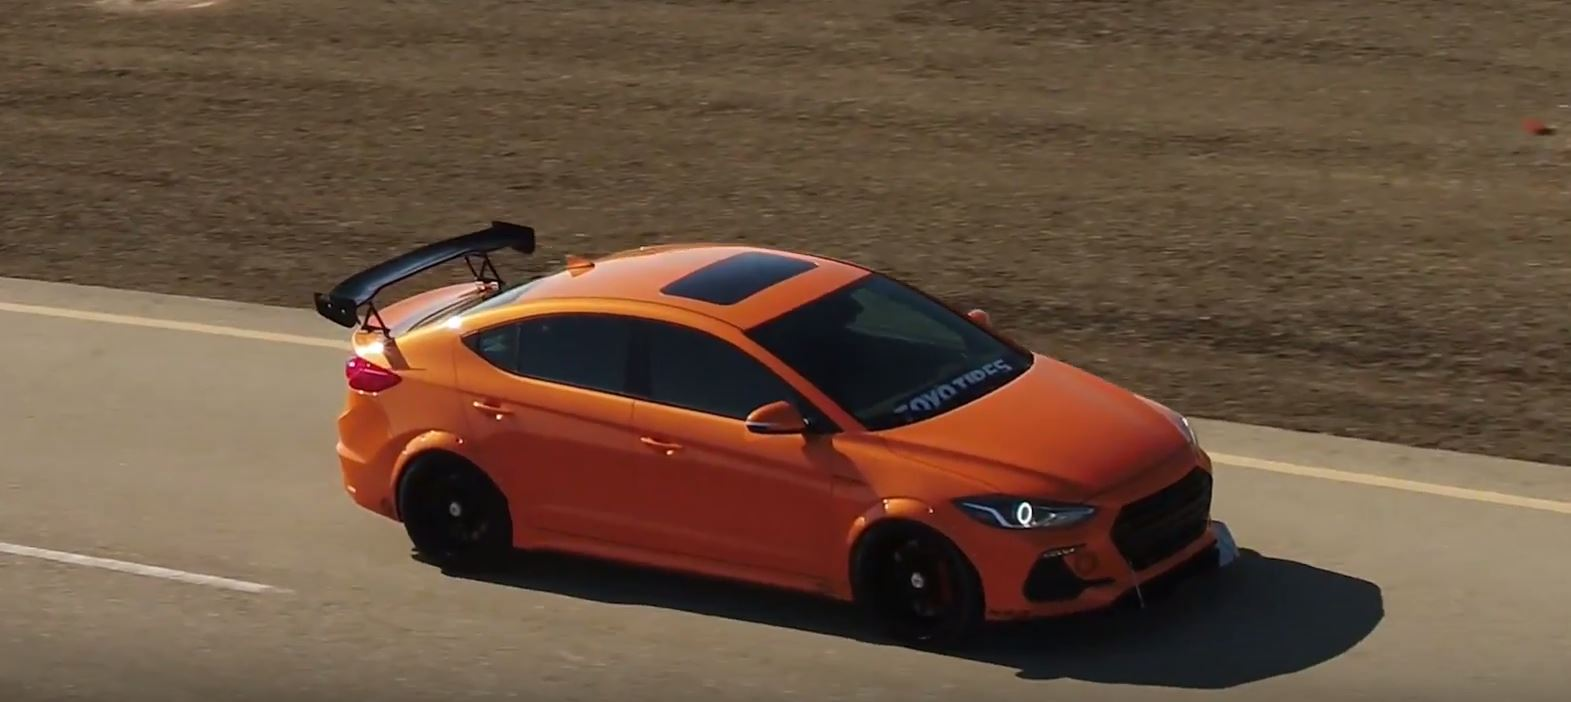 Btr Hyundai Elantra Sport Concept Has Lambo Paint For Sema